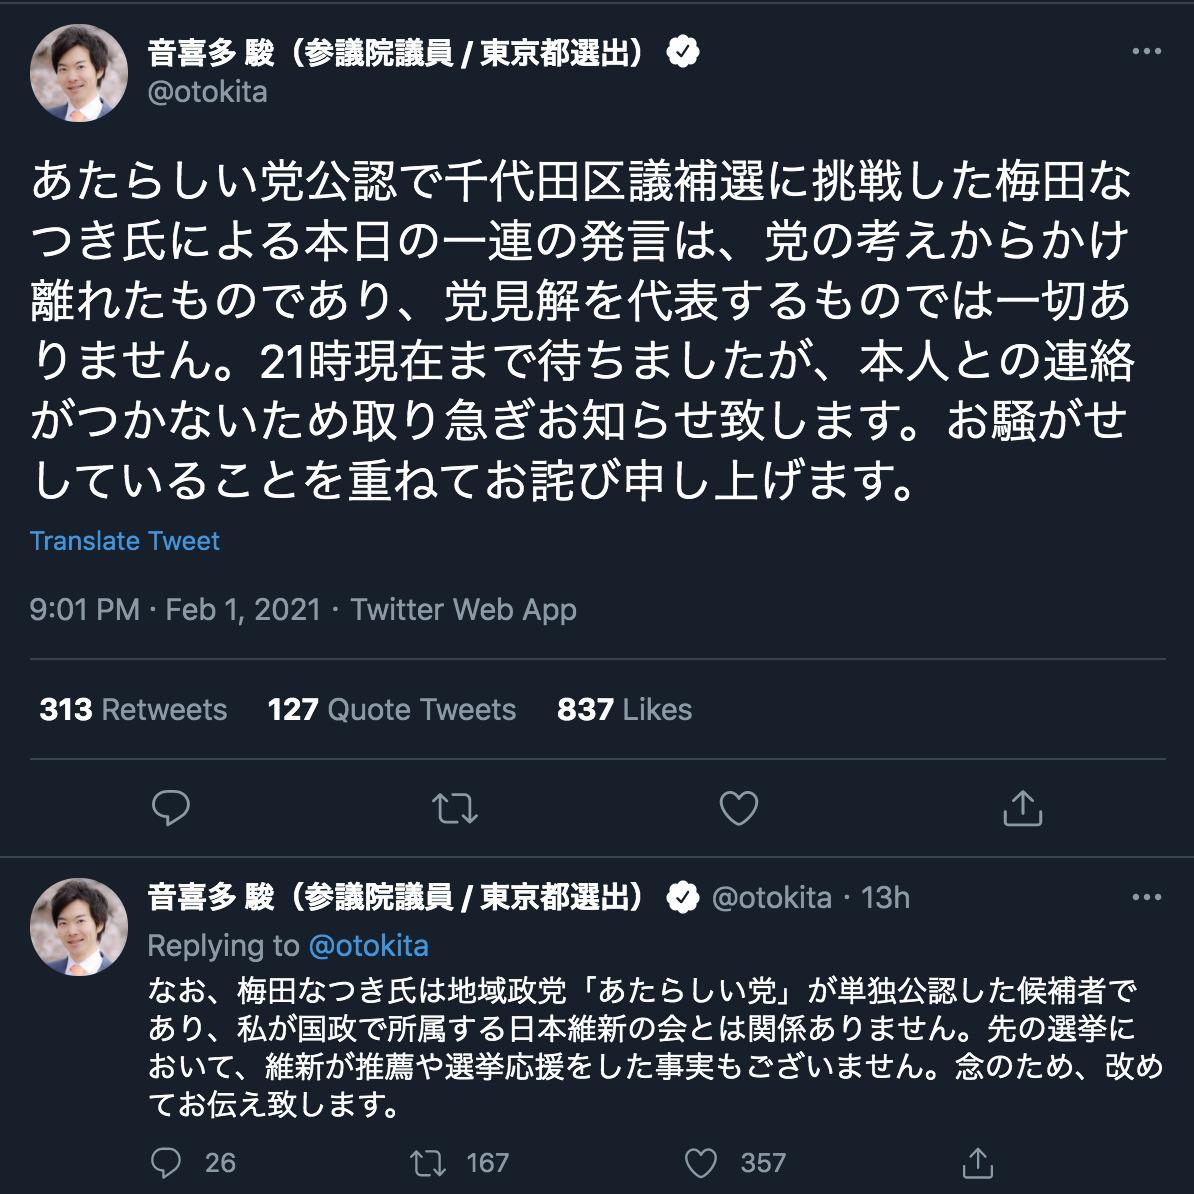 音喜多駿さんの投稿